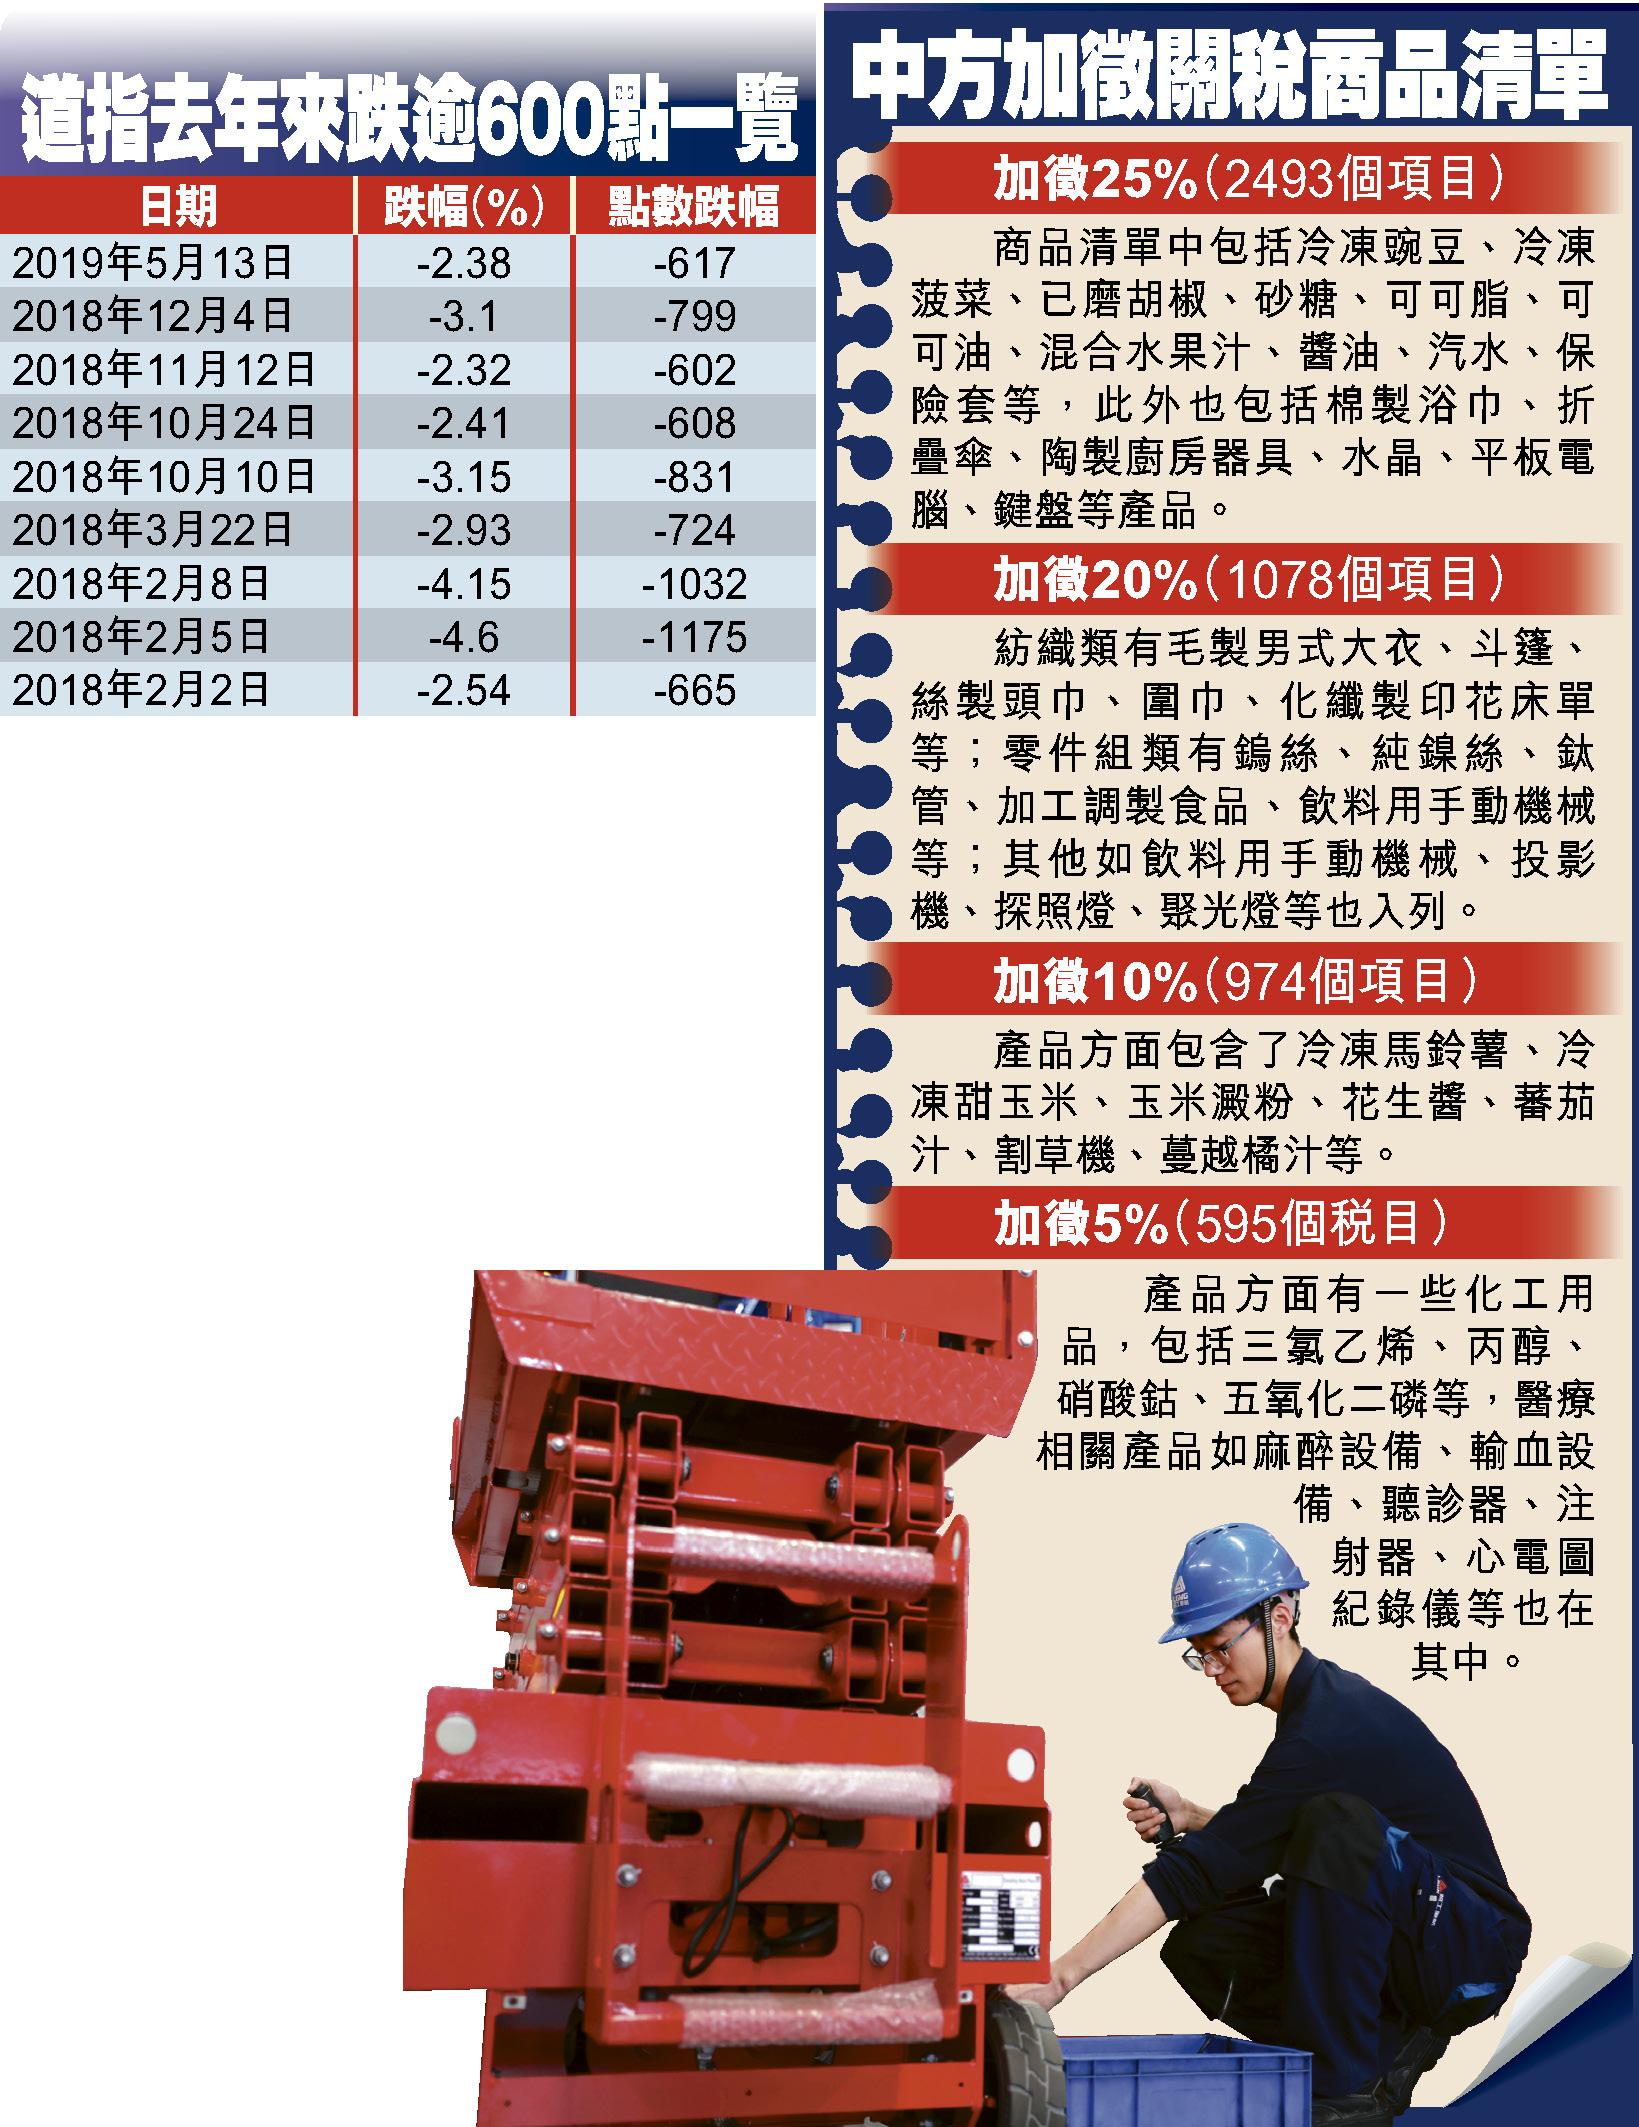 贸易战火重燃,势必重创中美经济。图为山东工厂工人调整液压升降机。 资料图片